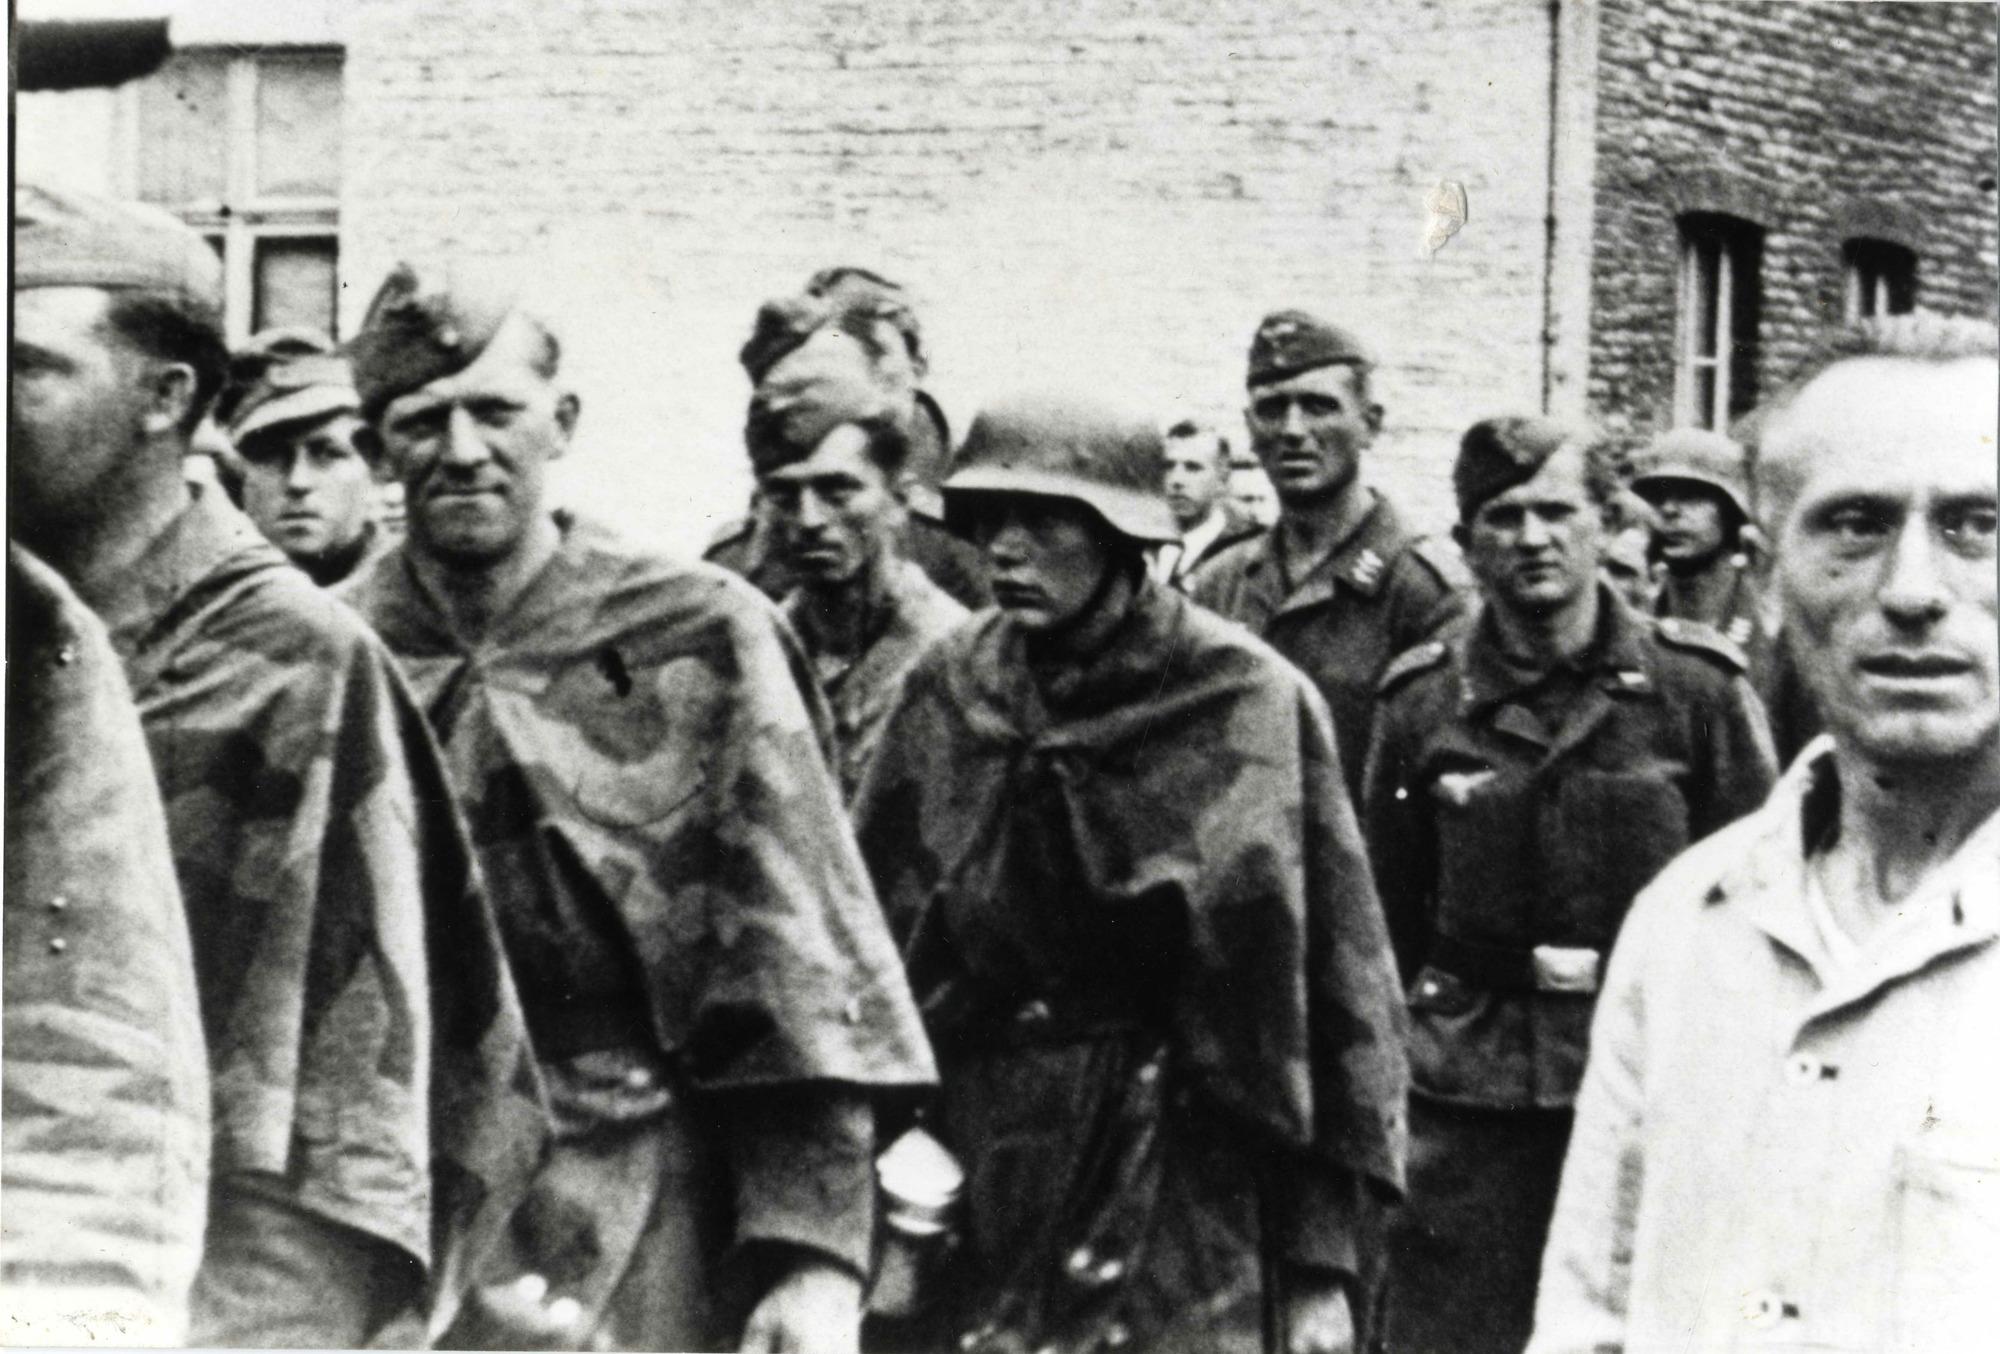 Duitse krijgsgevangenen worden door leden van het verzet richting Pupillenschool gevoerd, september 1944